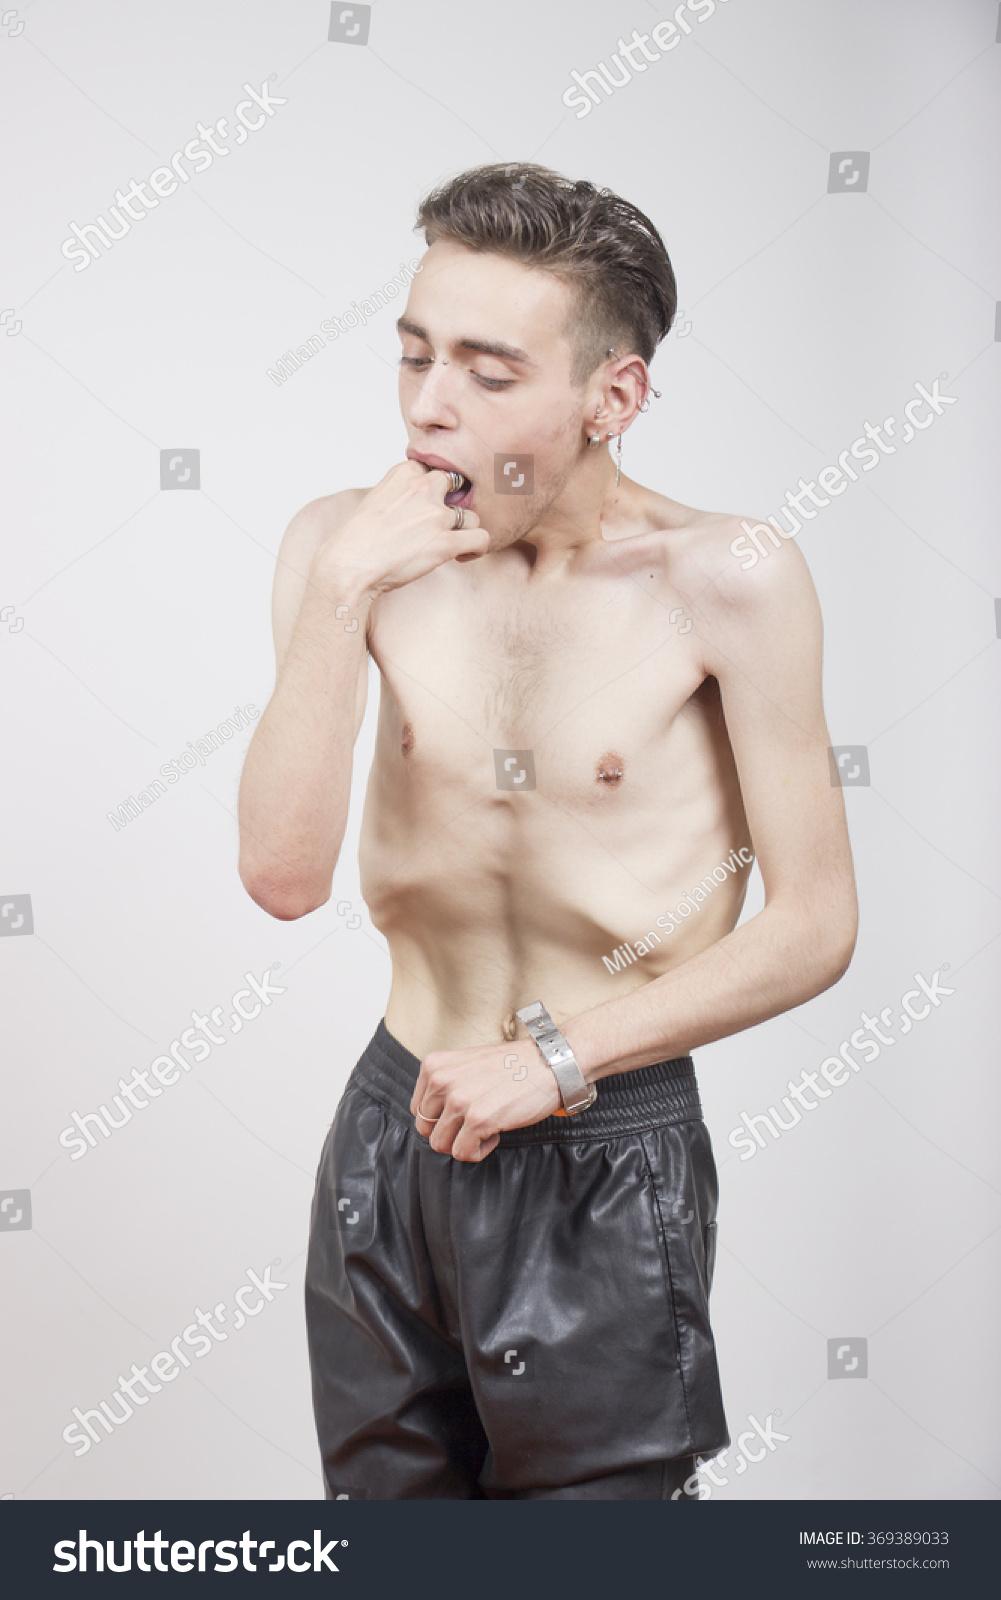 naiset alasti suihkussa suomi24 oulu chat